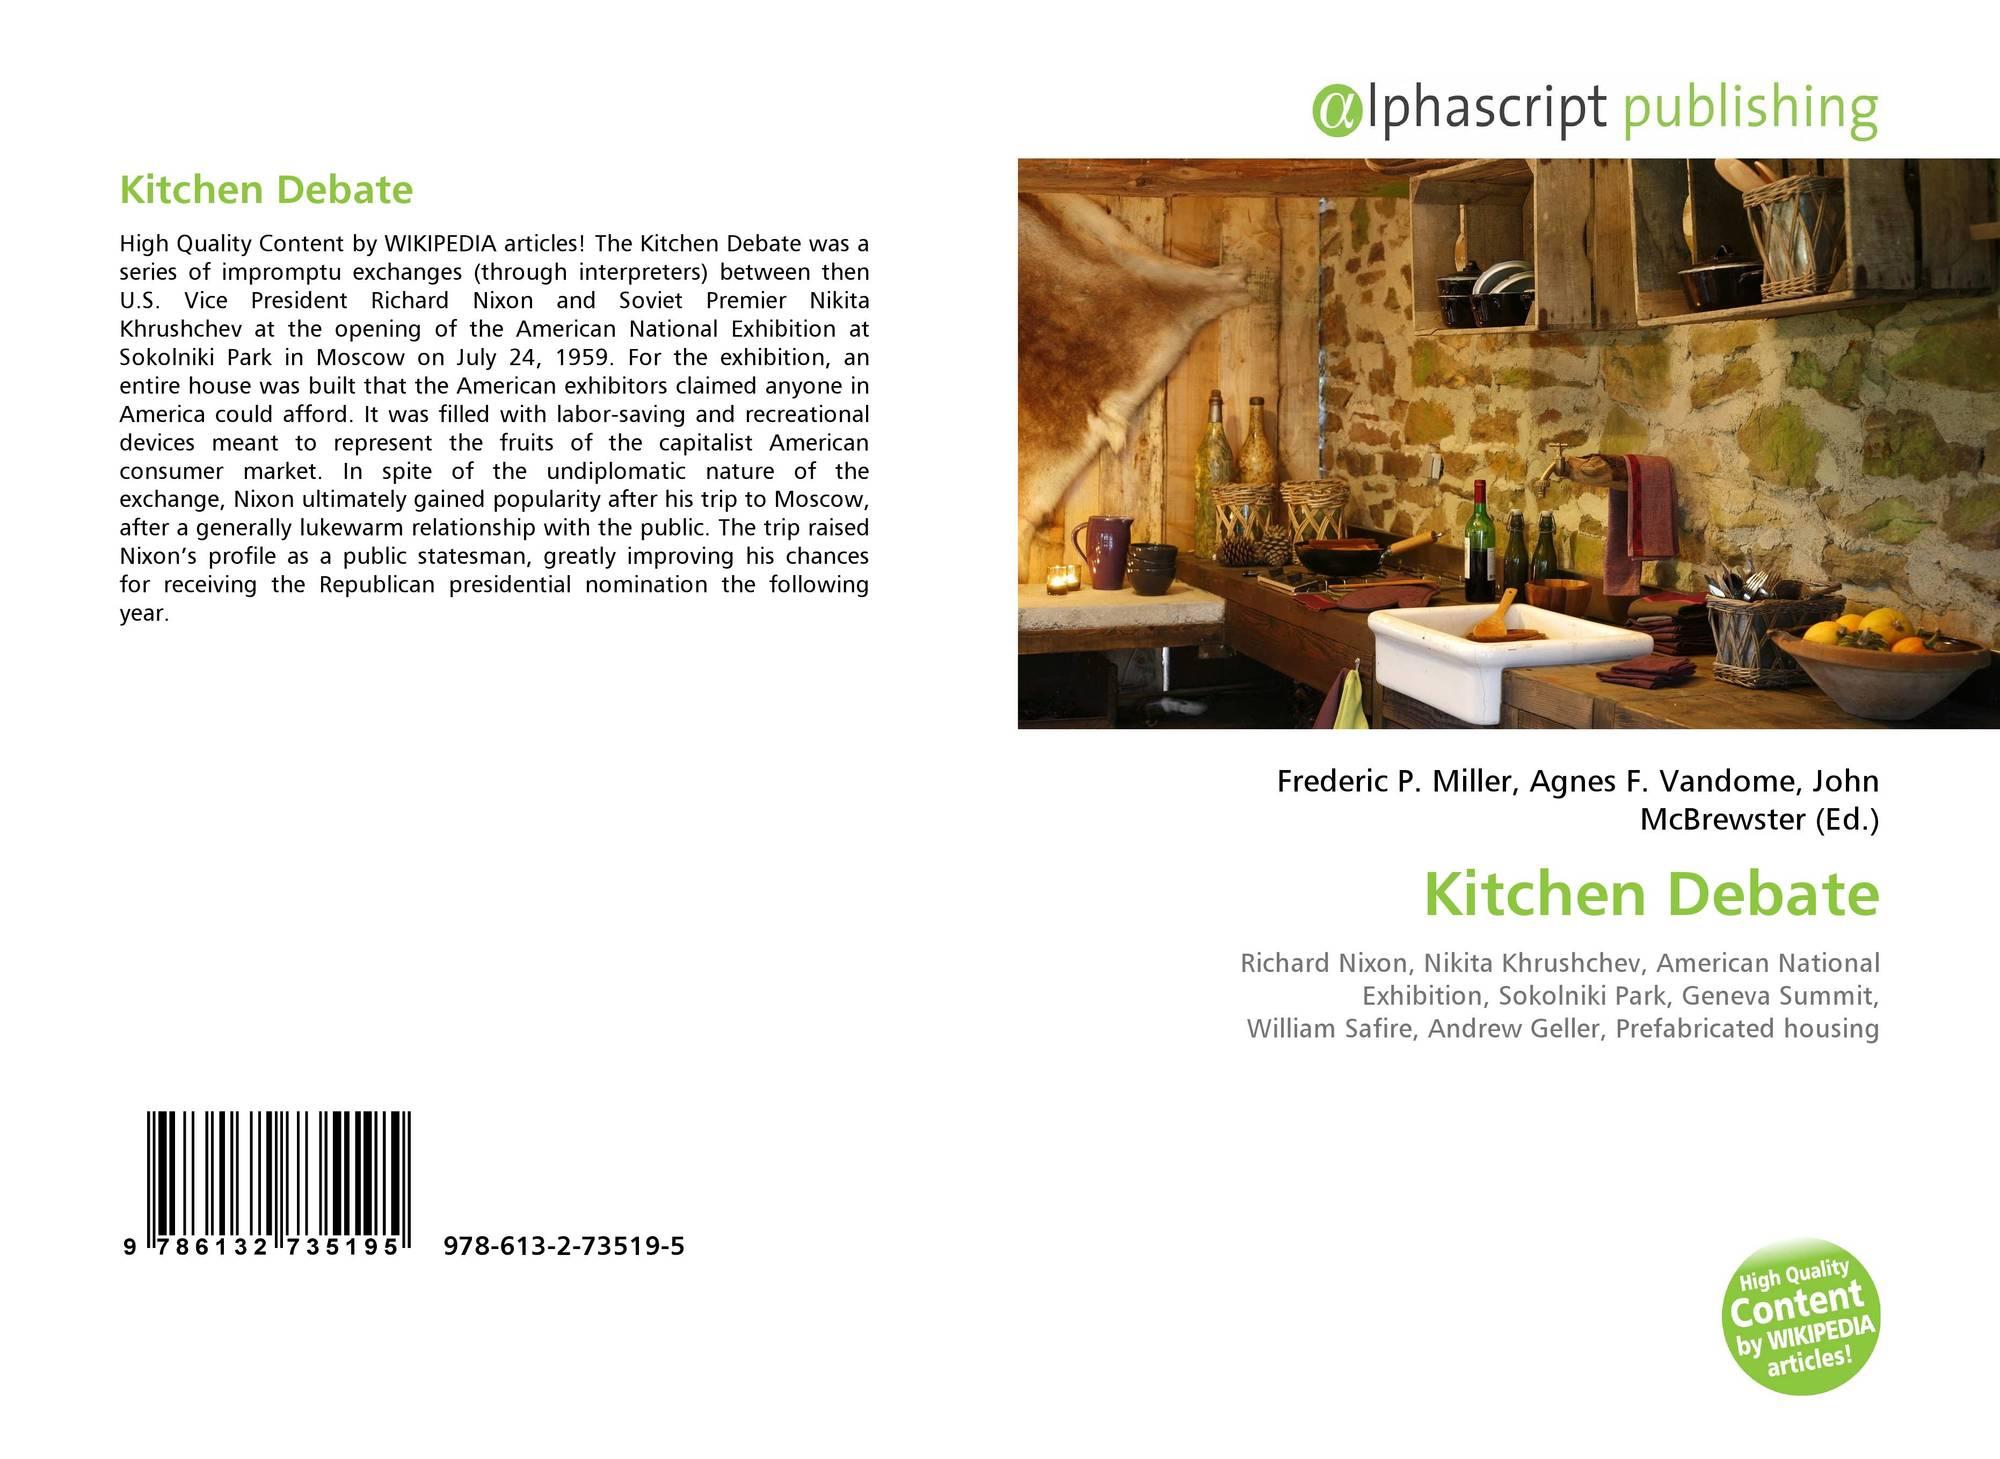 Kitchen Debate, 978-613-2-73519-5, 6132735194 ,9786132735195